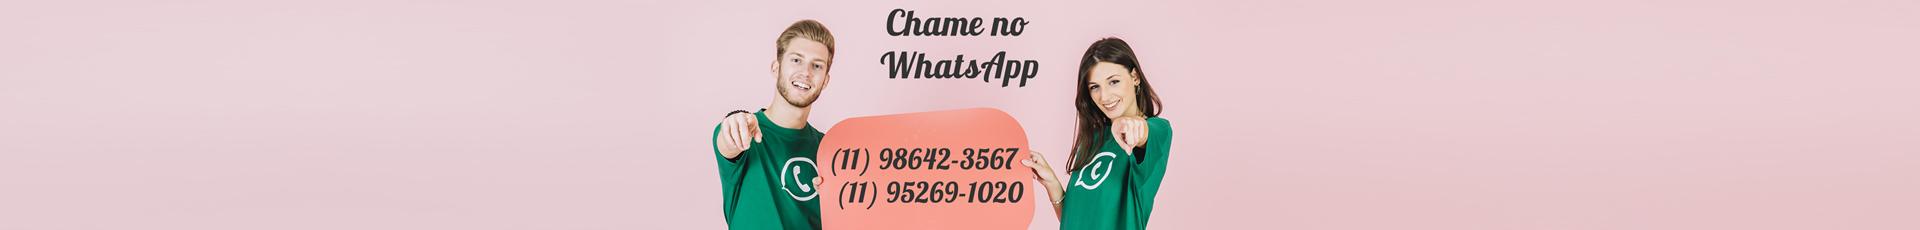 slide-coroas-de-flores-martinho-whatsapp